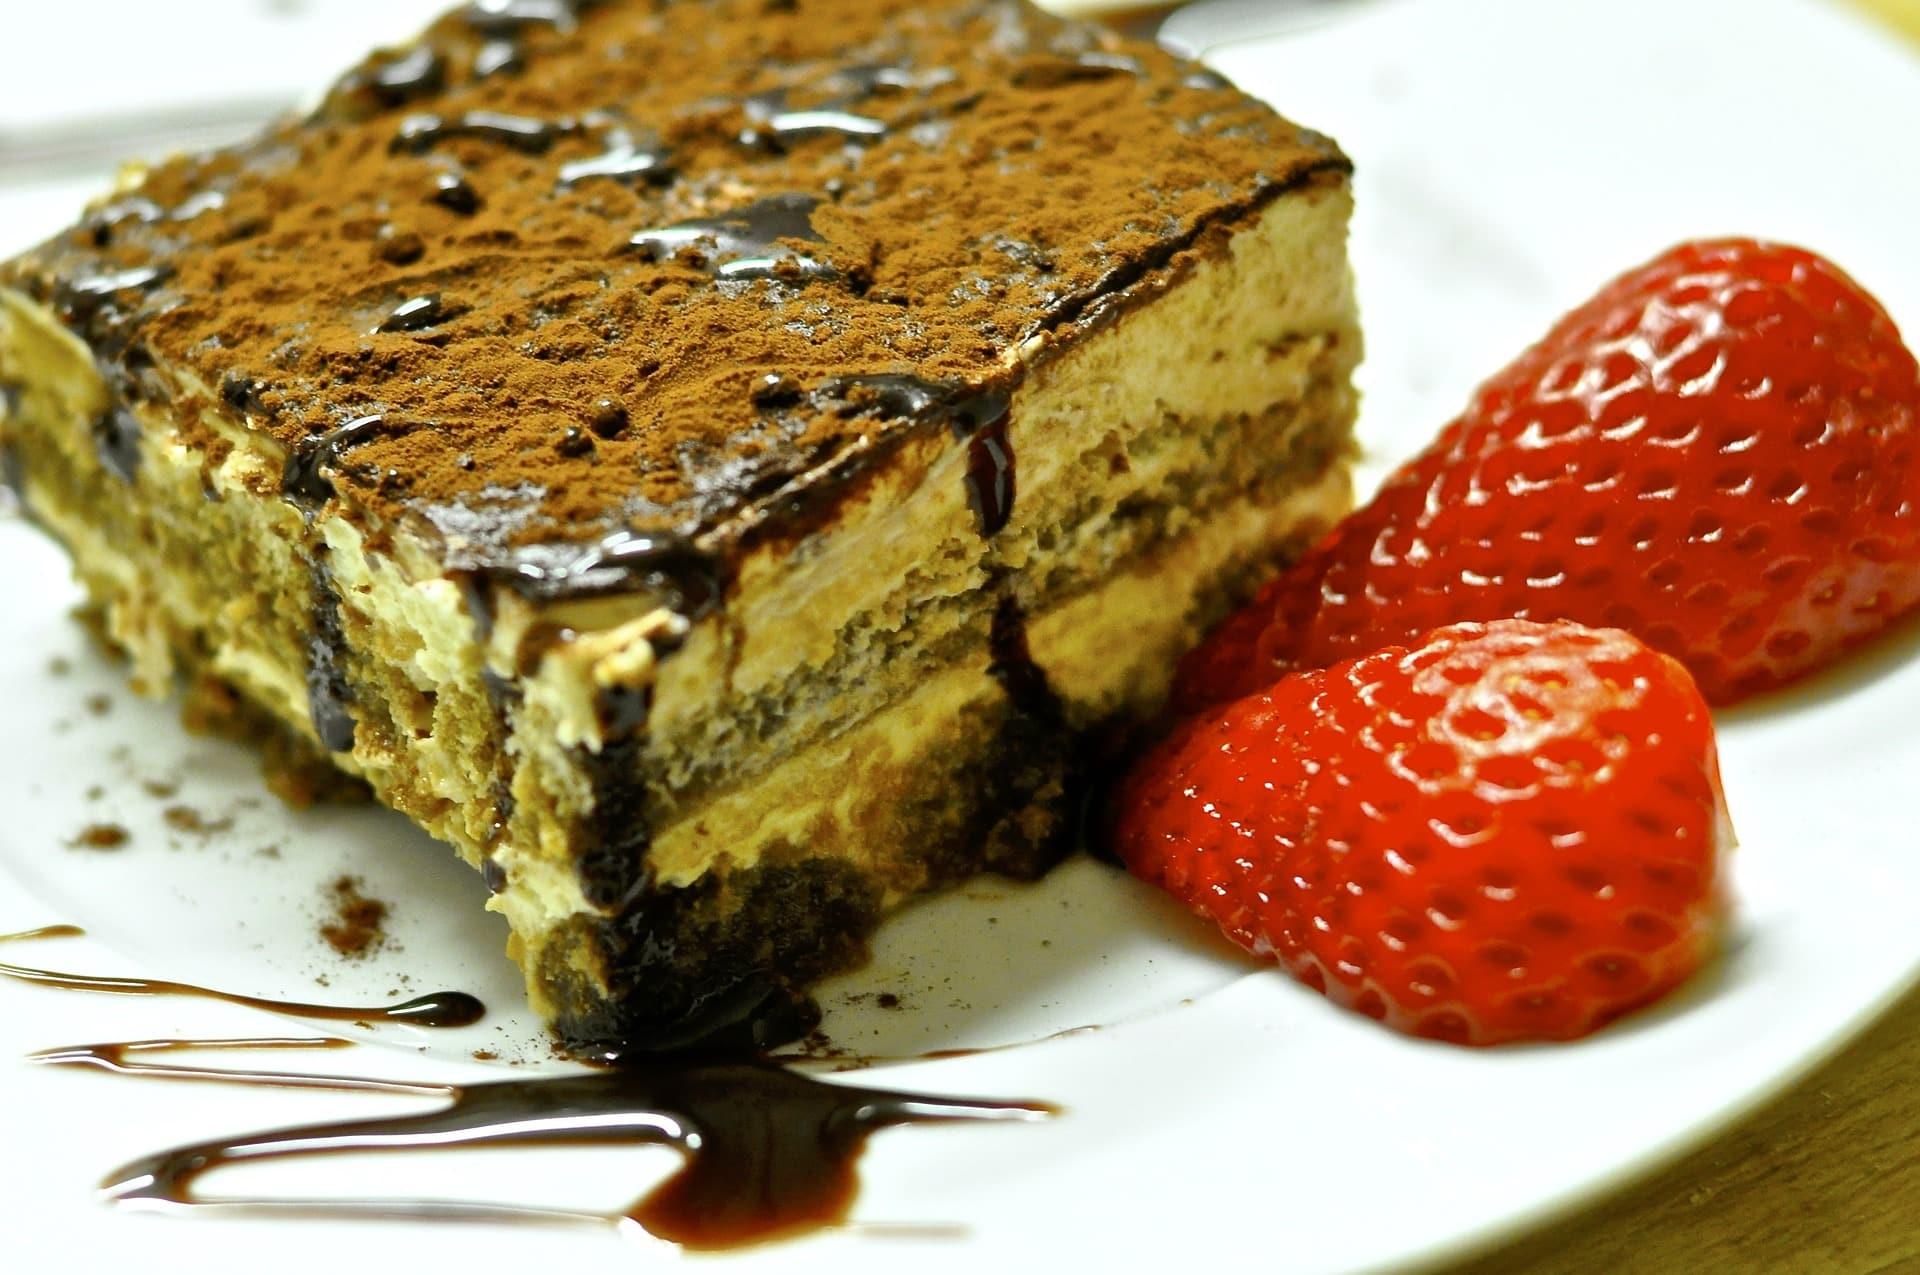 Tiramisù il dolce più amato dagli italiani